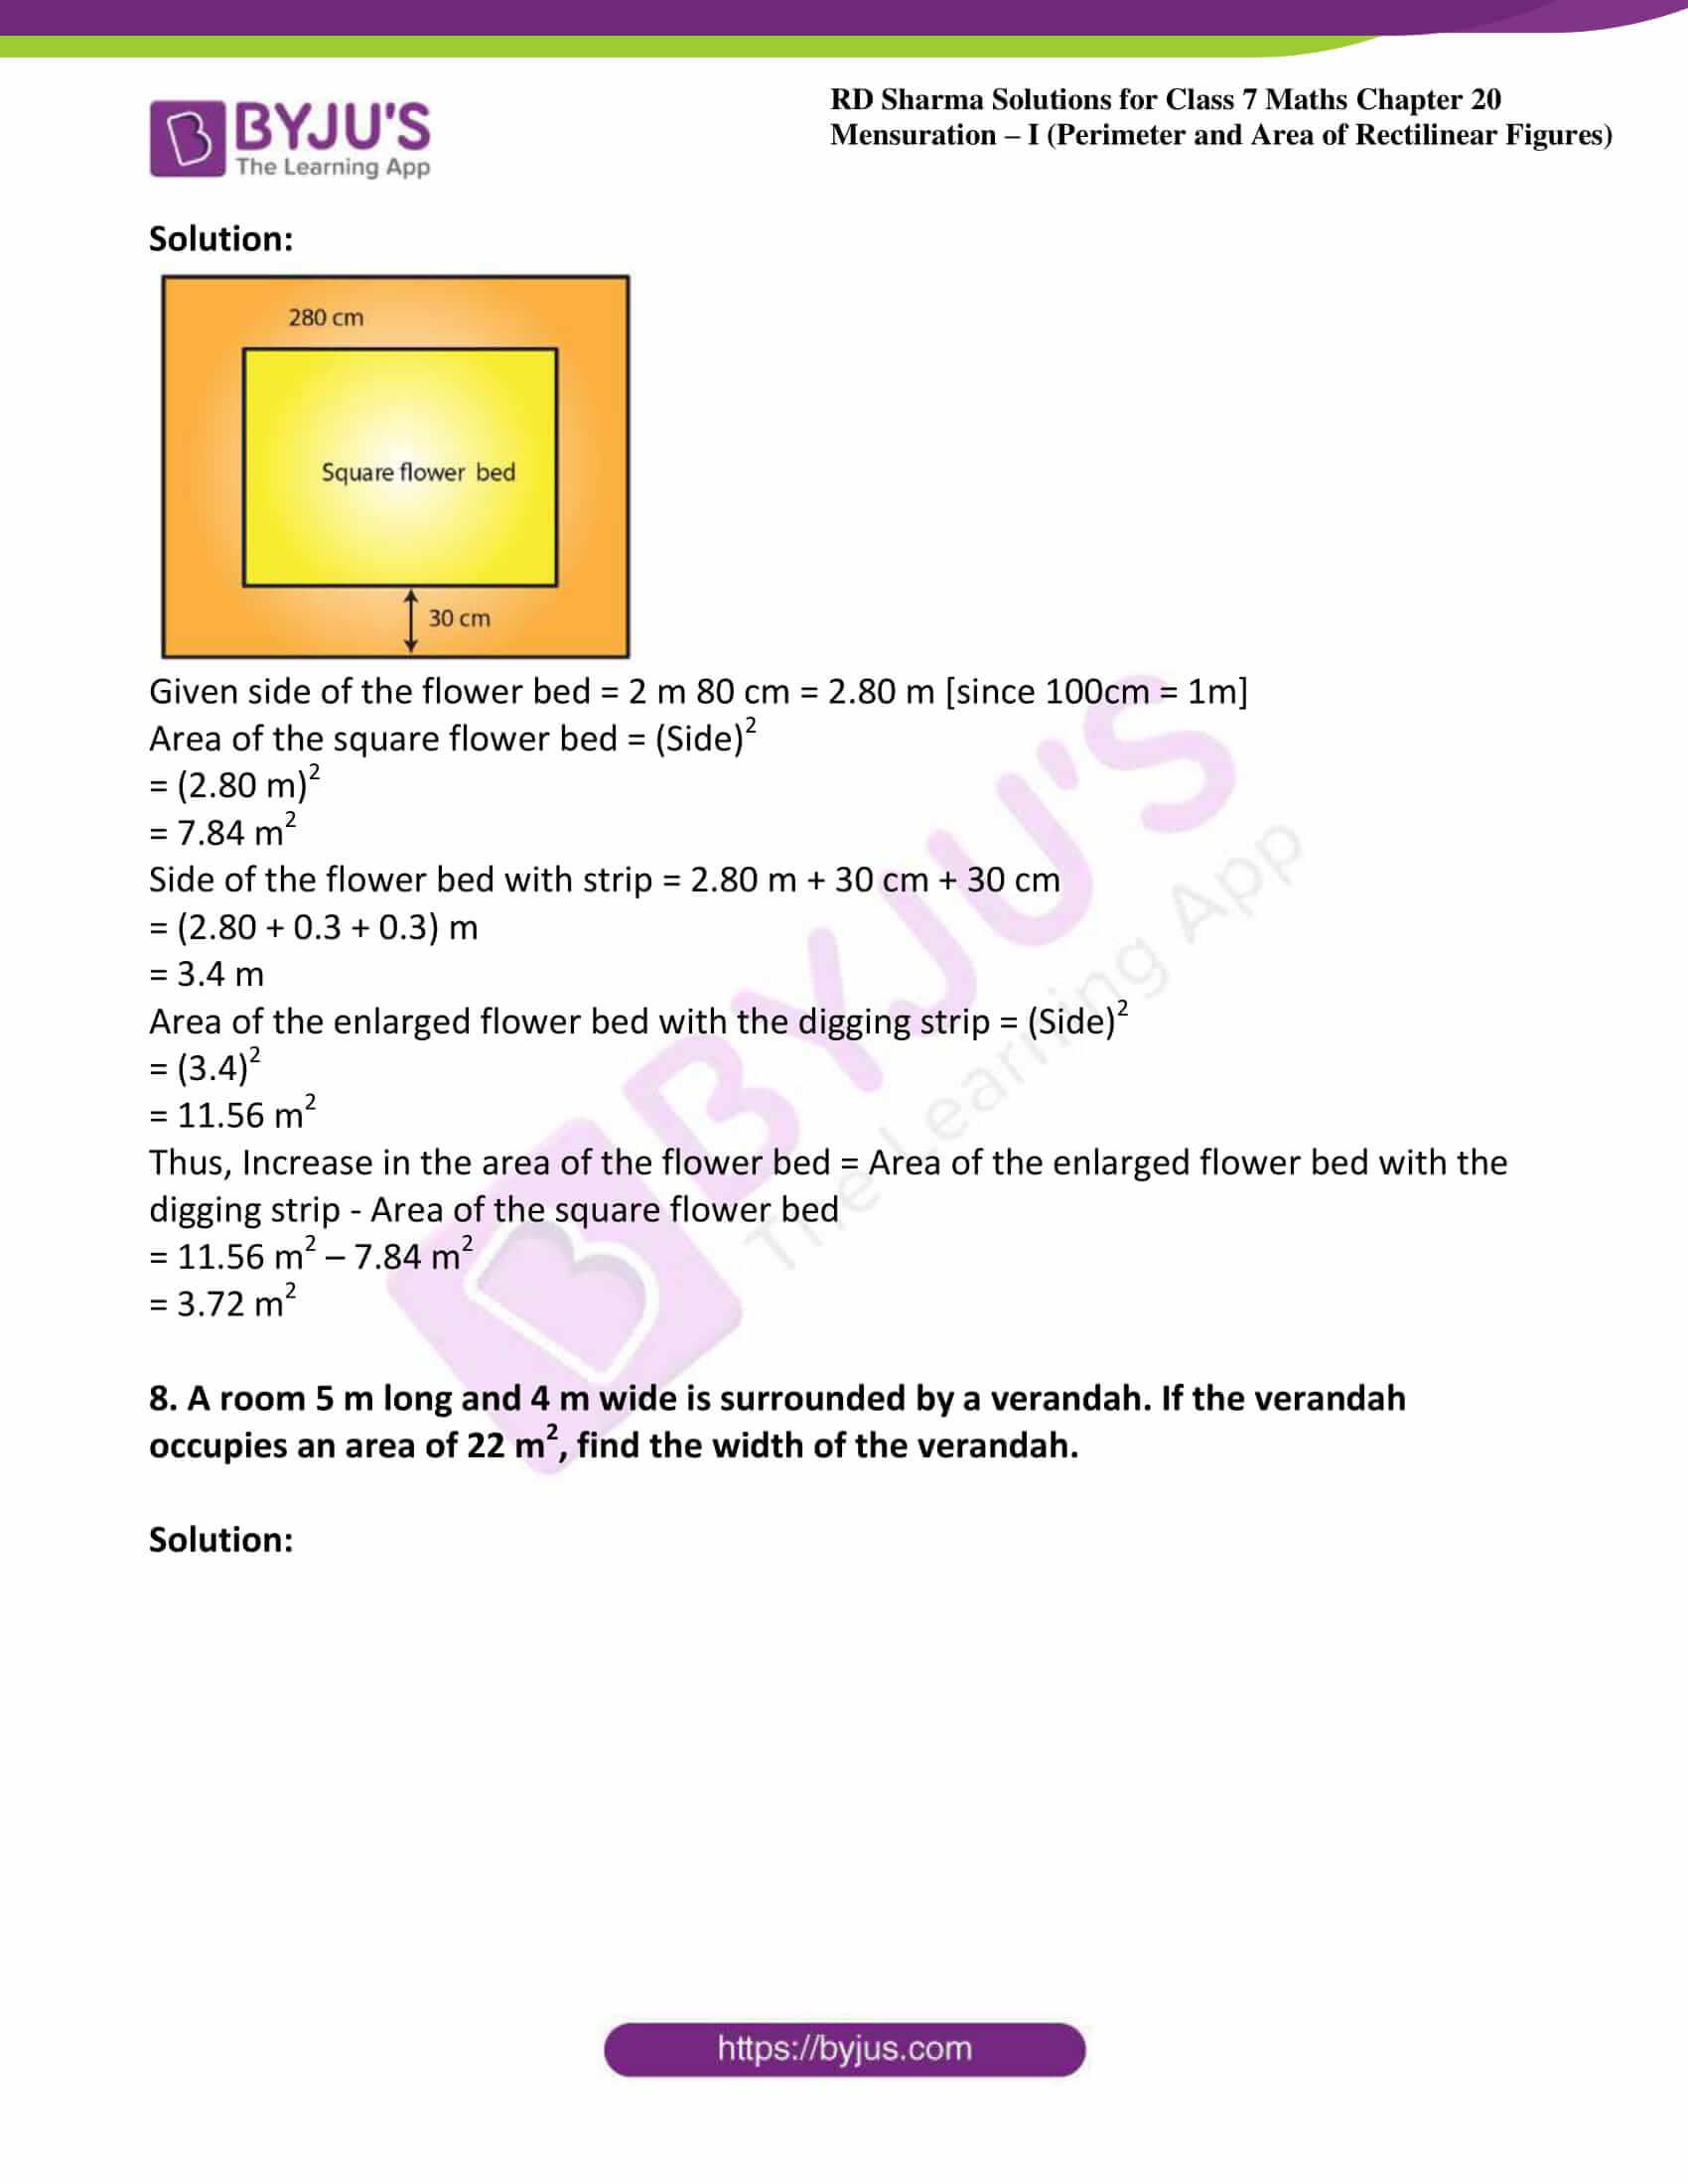 rd sharma maths class7 solution chapter 20 ex 2 06